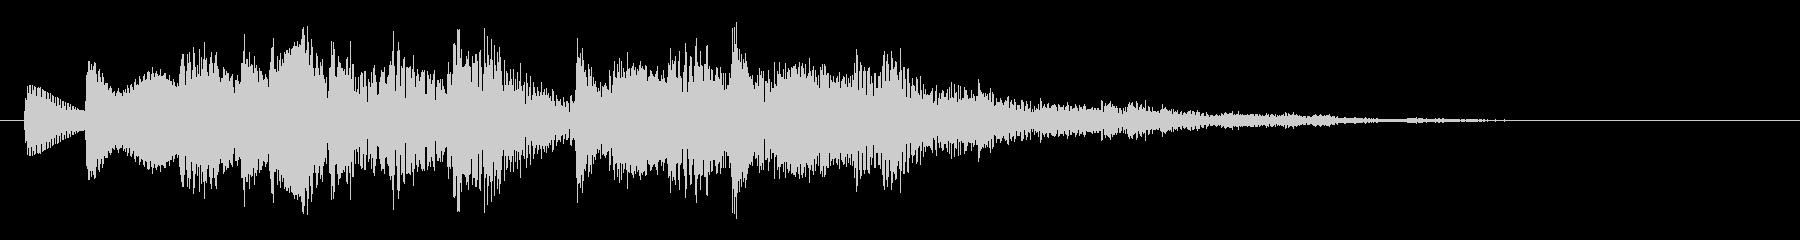 着信音 メロ01の未再生の波形